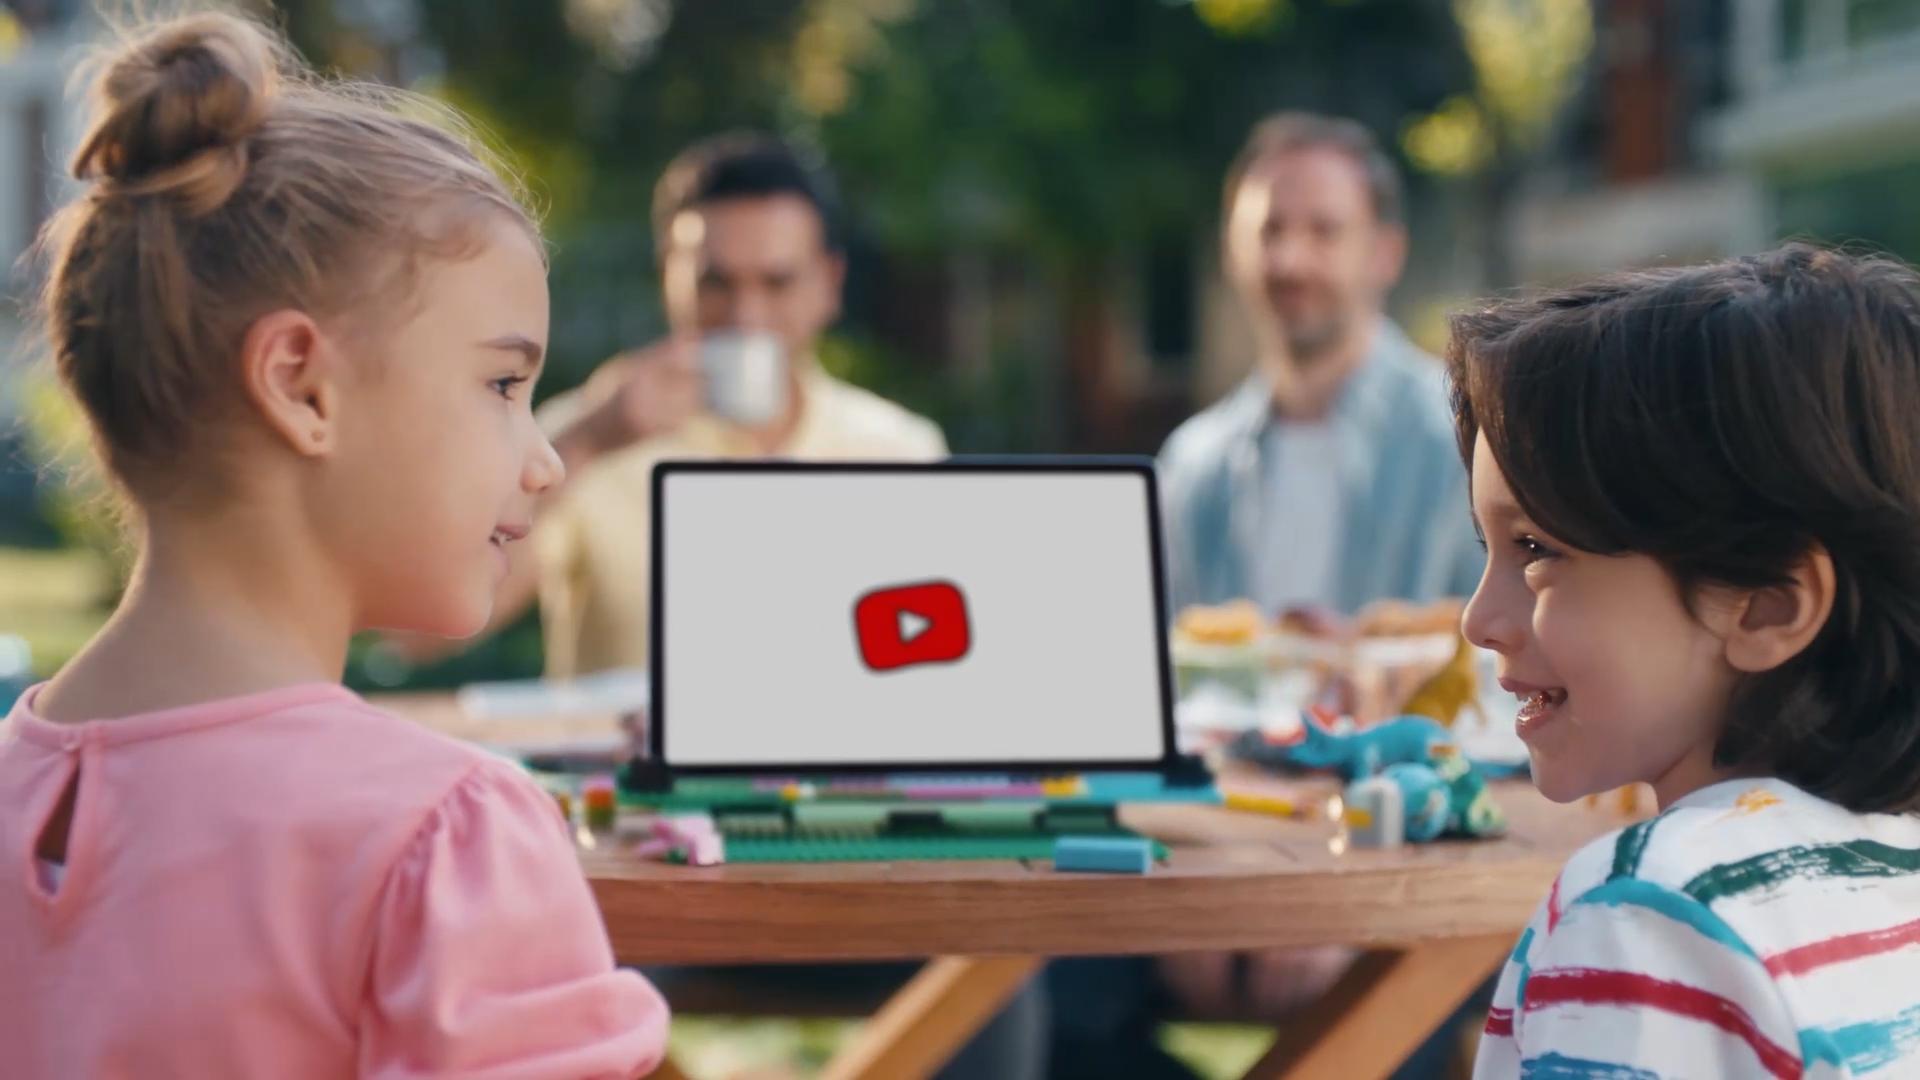 Samsung ve Google'ın çocuklar için bir araya geldiği reklam filmi yayınlandı